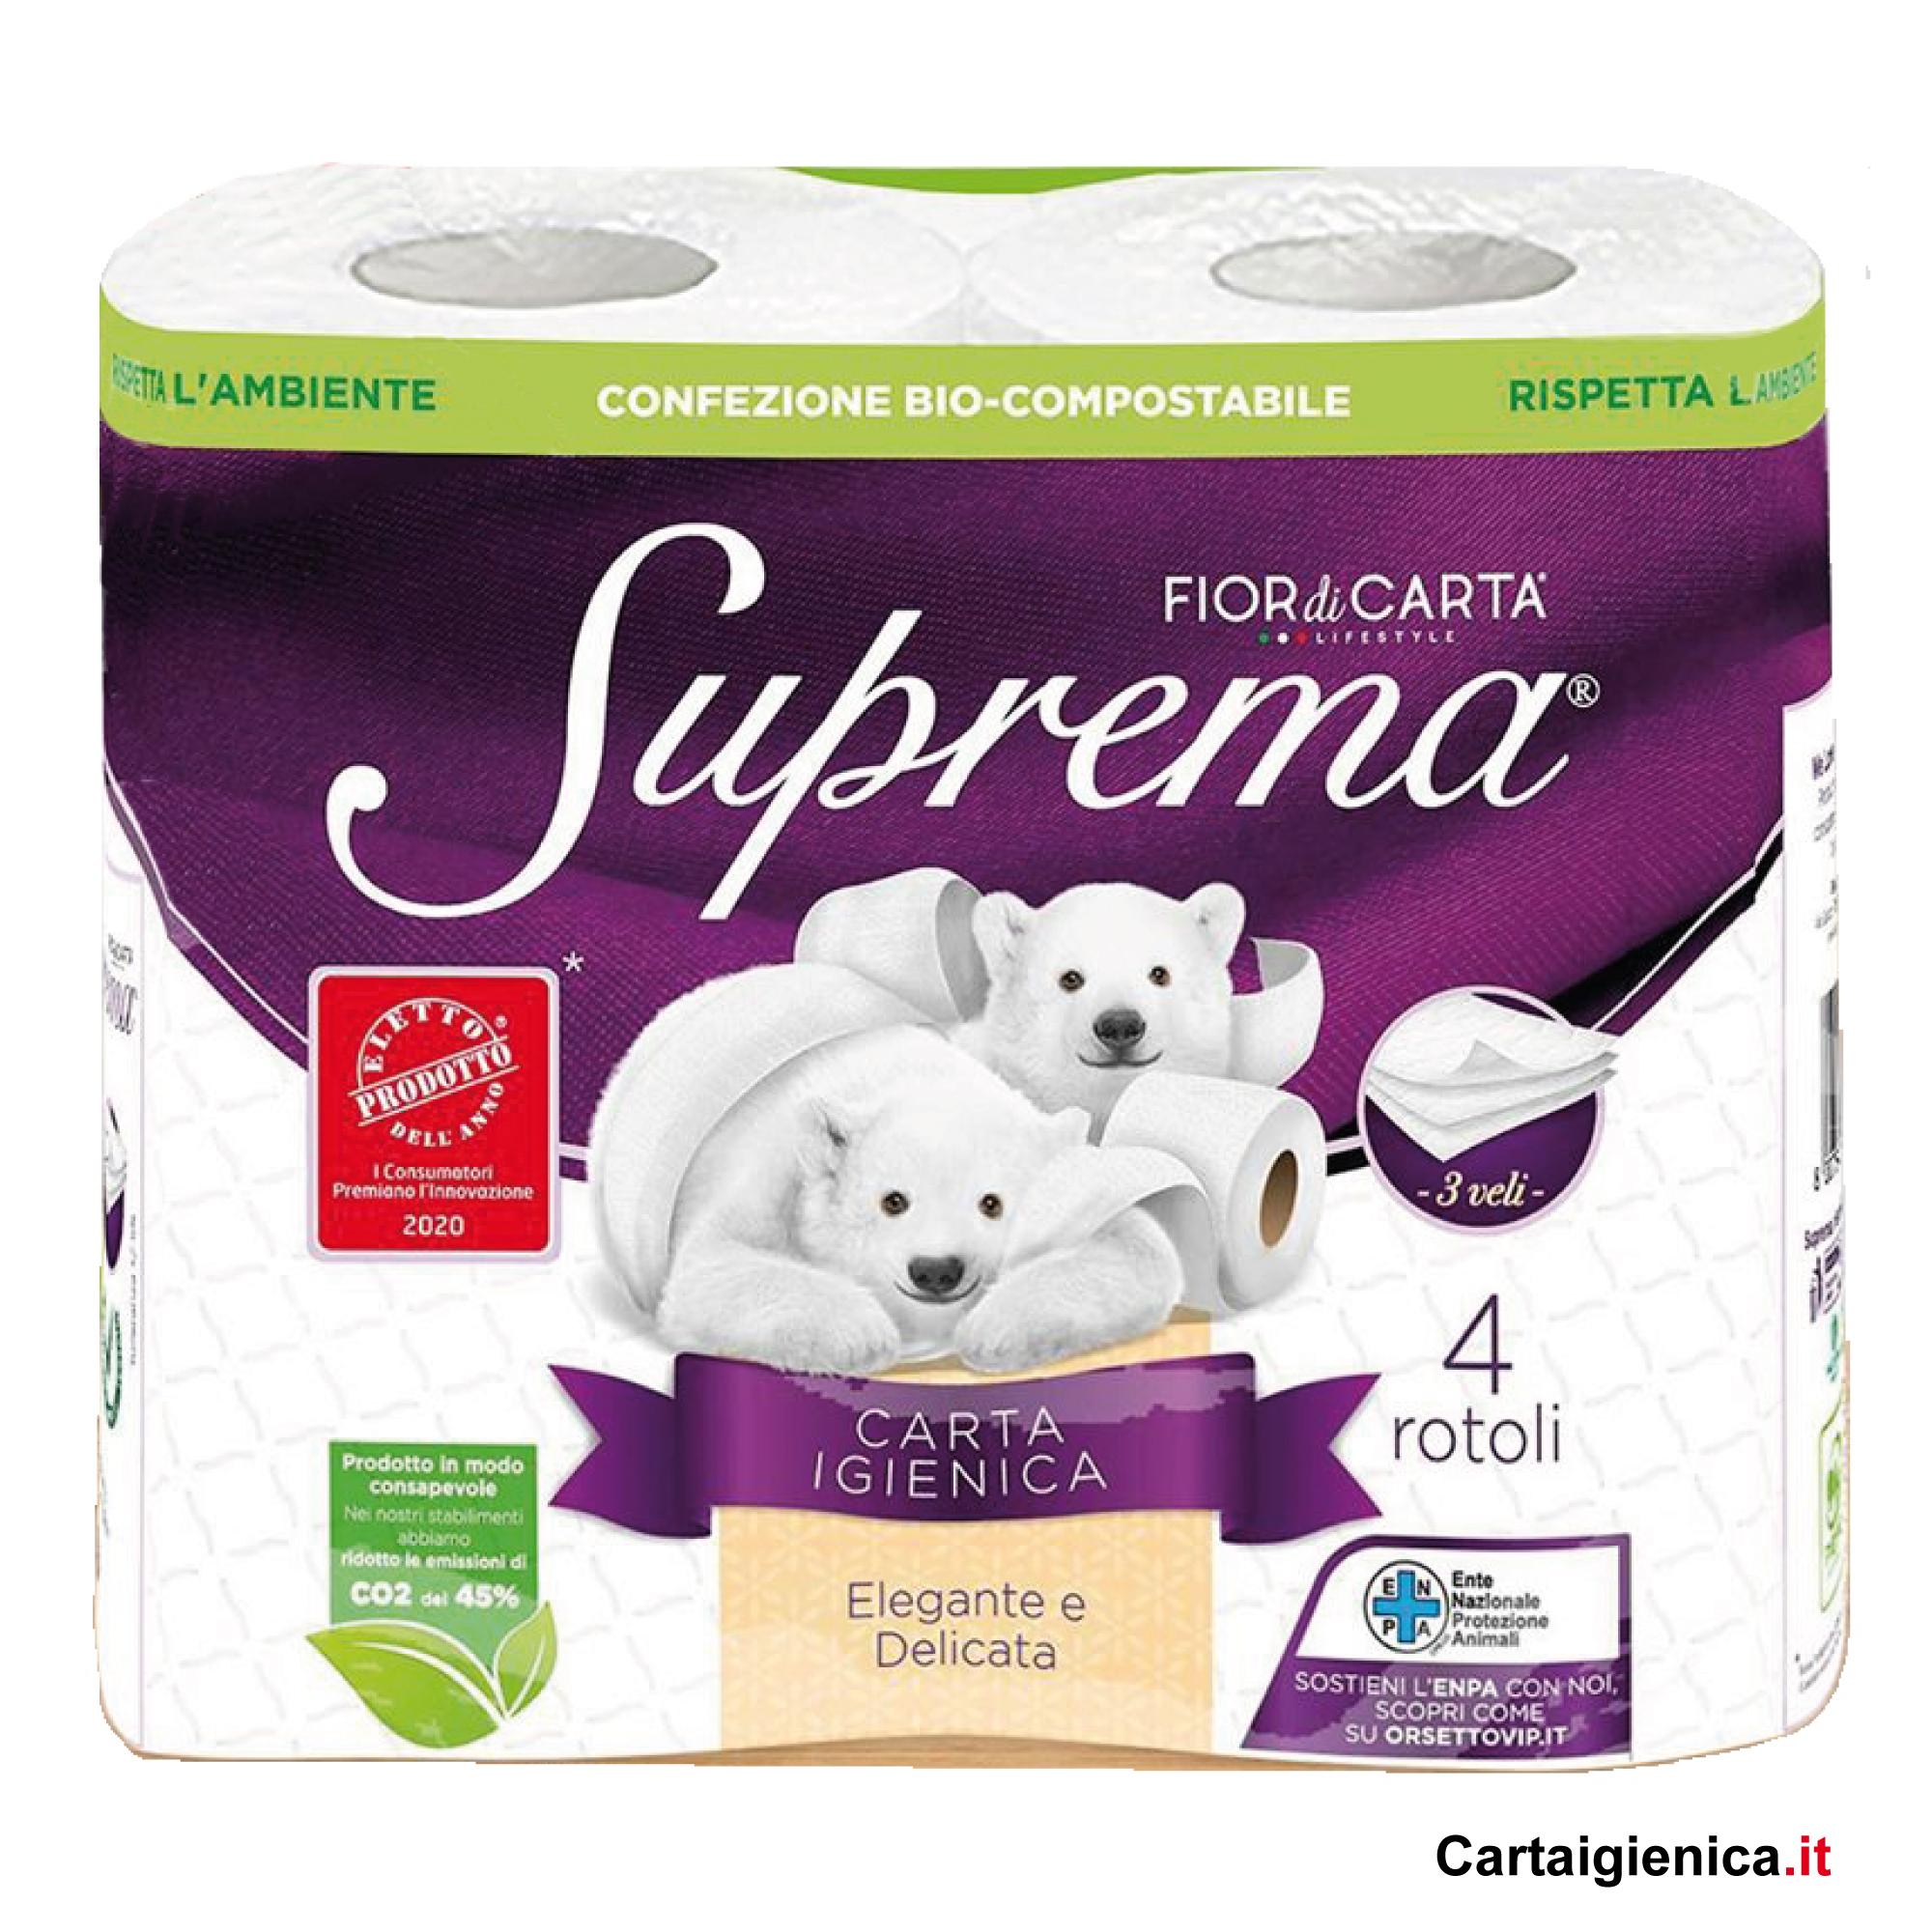 fior di carta suprema 4 rotoli 3 veli carta igienica